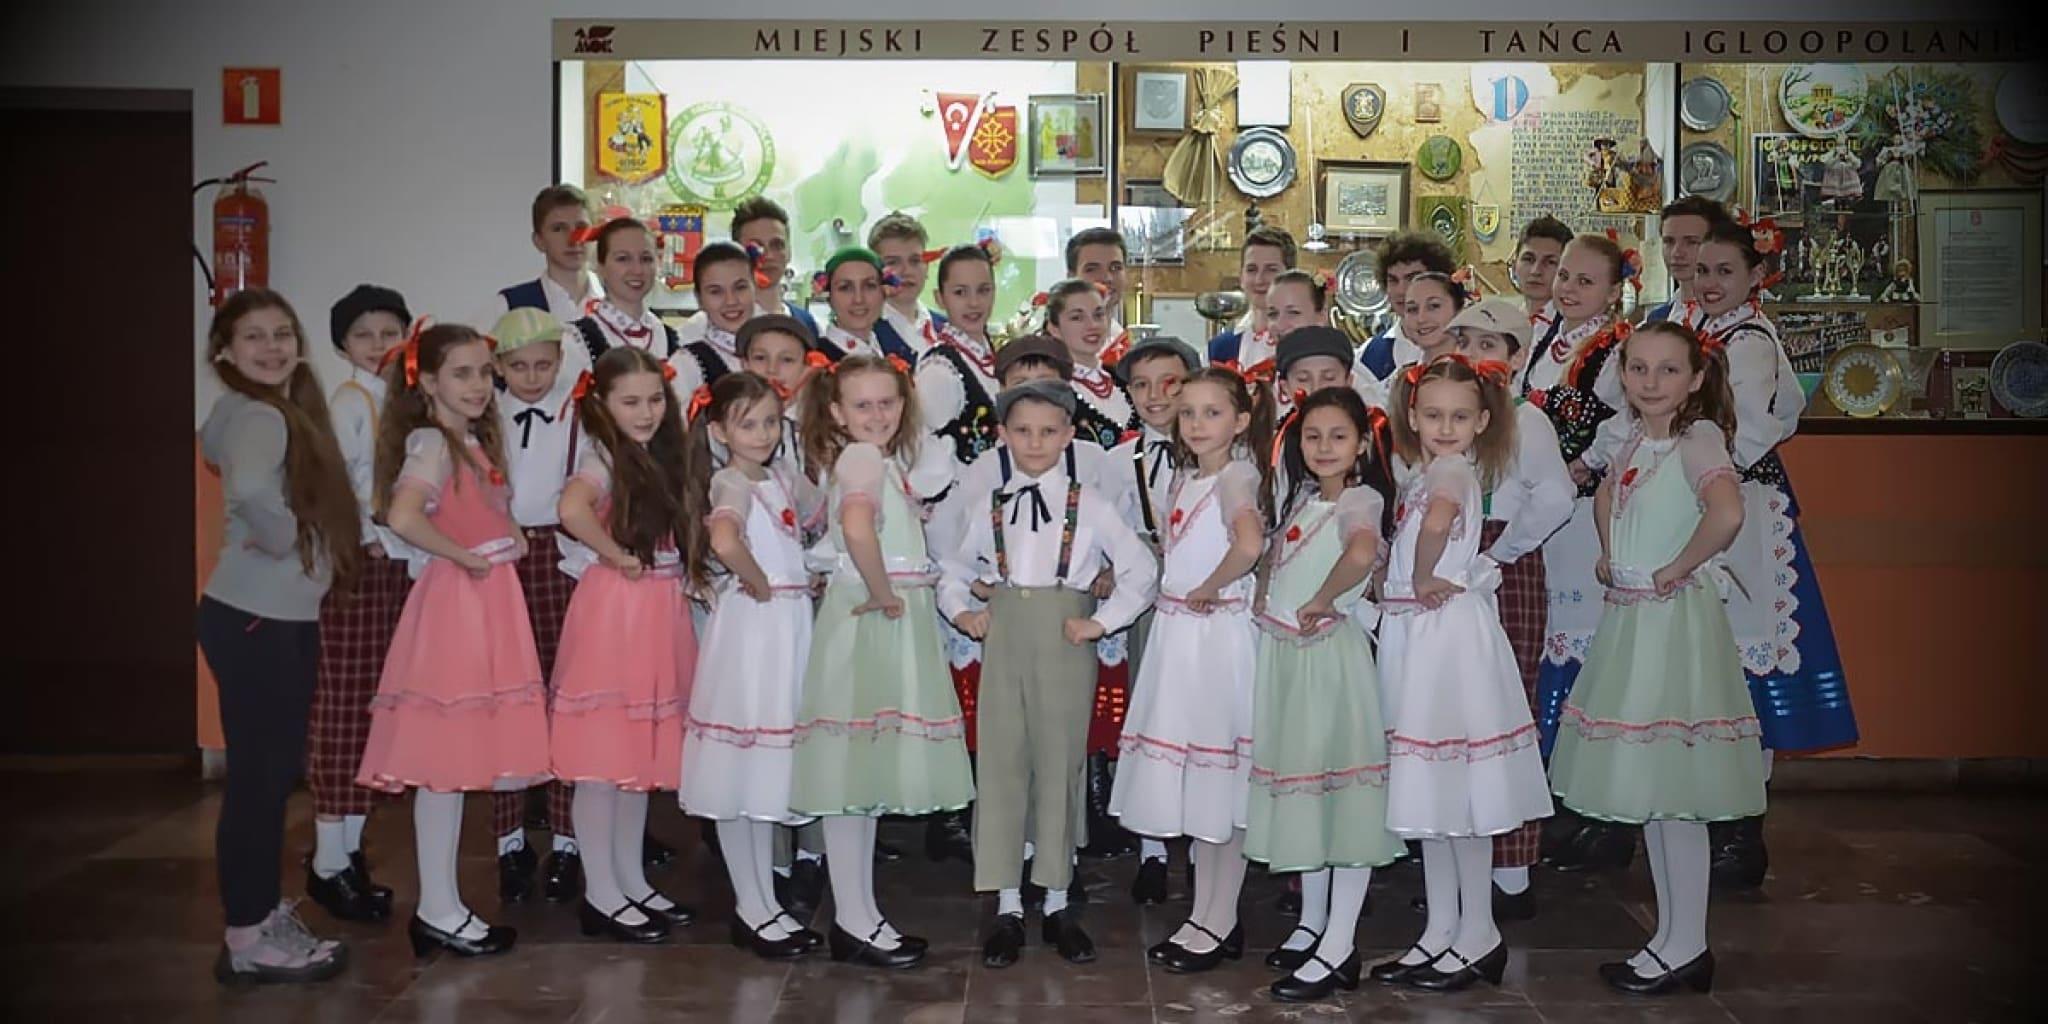 """VII Podkarpacki Przegląd Dziecięcych i Młodzieżowych Zespołów Tanecznych """"Złoty Gryf"""" w Dębicy, Dębica 2015 r."""